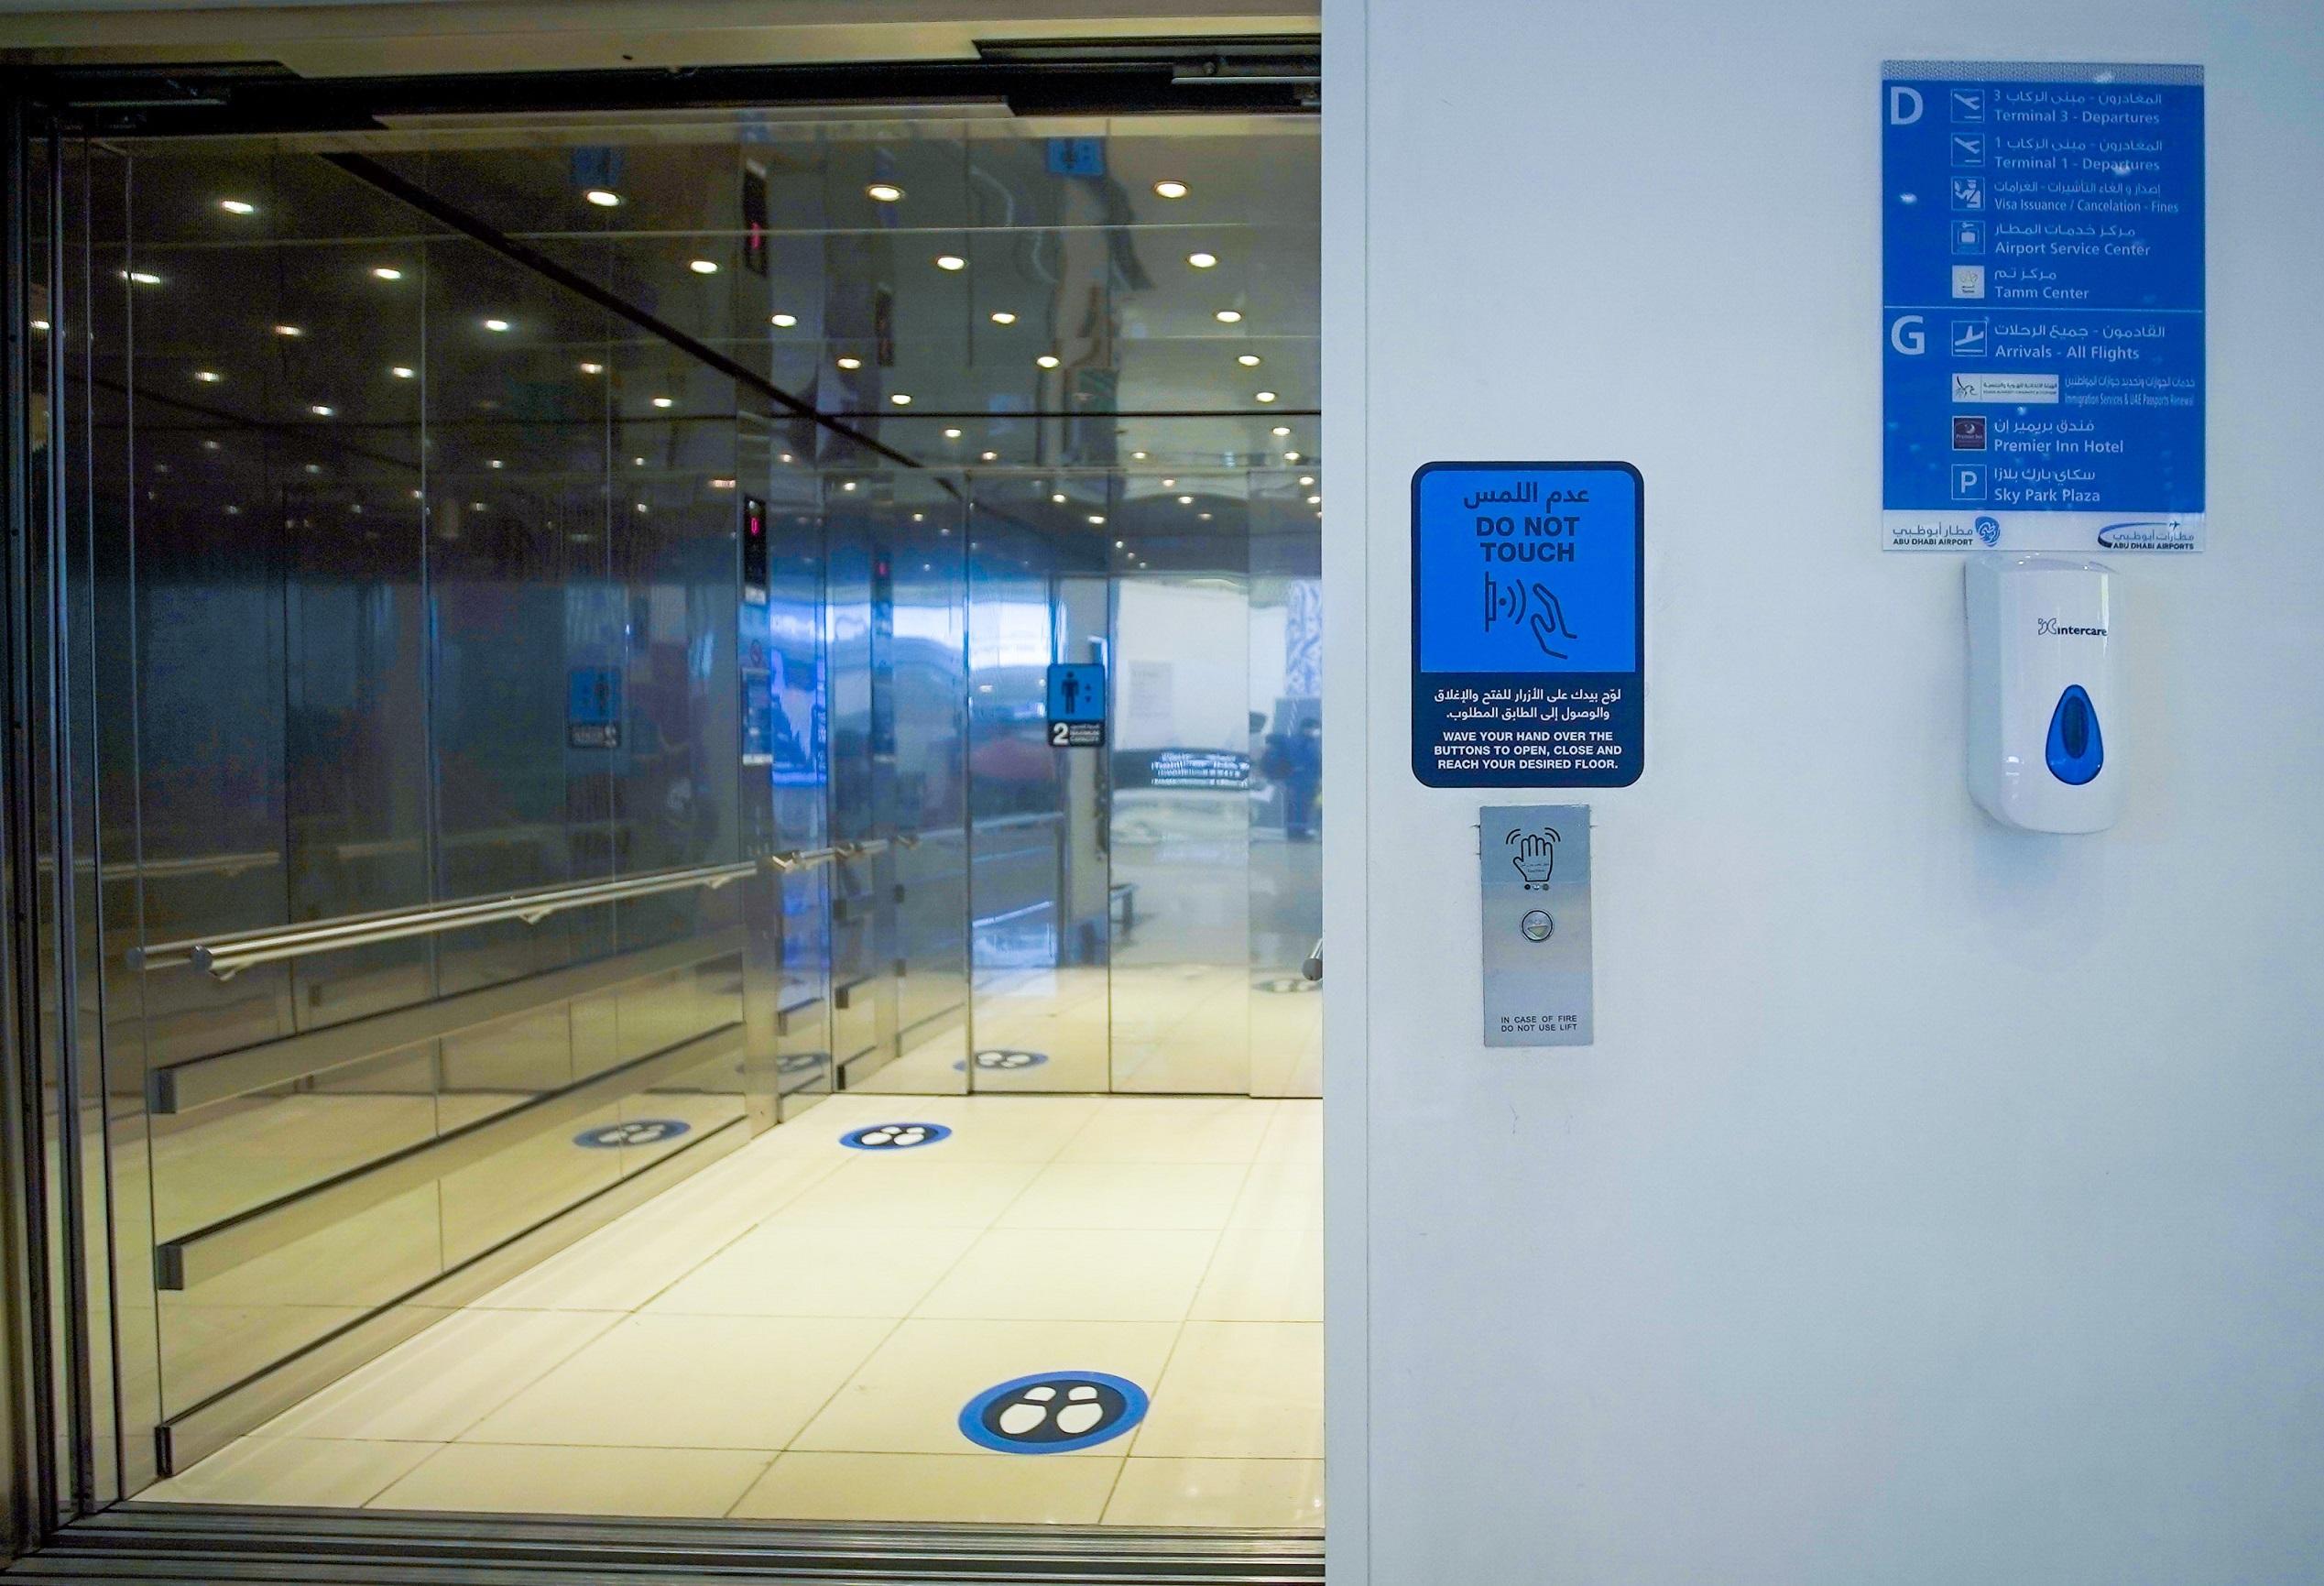 مطارات أبوظبي توفر أنظمة تحكم لاتلامسية بالمصاعد في مطار أبوظبي الدولي لتوفير بيئة خالية من فيروس كورونا